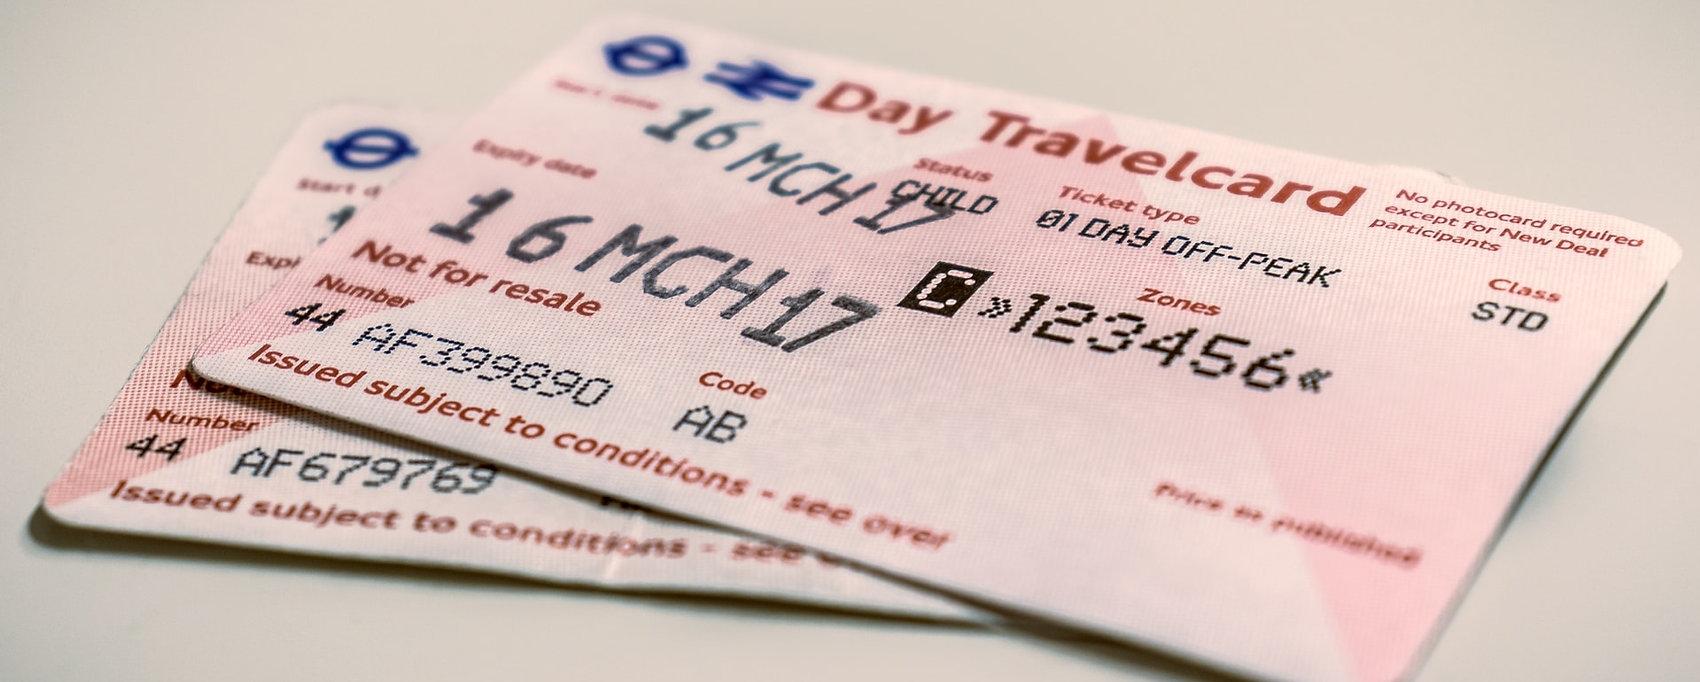 Reisegutscheine, das perfekte Geschenk für jeden Anlass - Städtereisen in Deutschland, Kurzurlaub in Europa   Anders reisen, alternative Reisen, Reisetrends, außergewöhnliche Reisen, exklusive Reisen